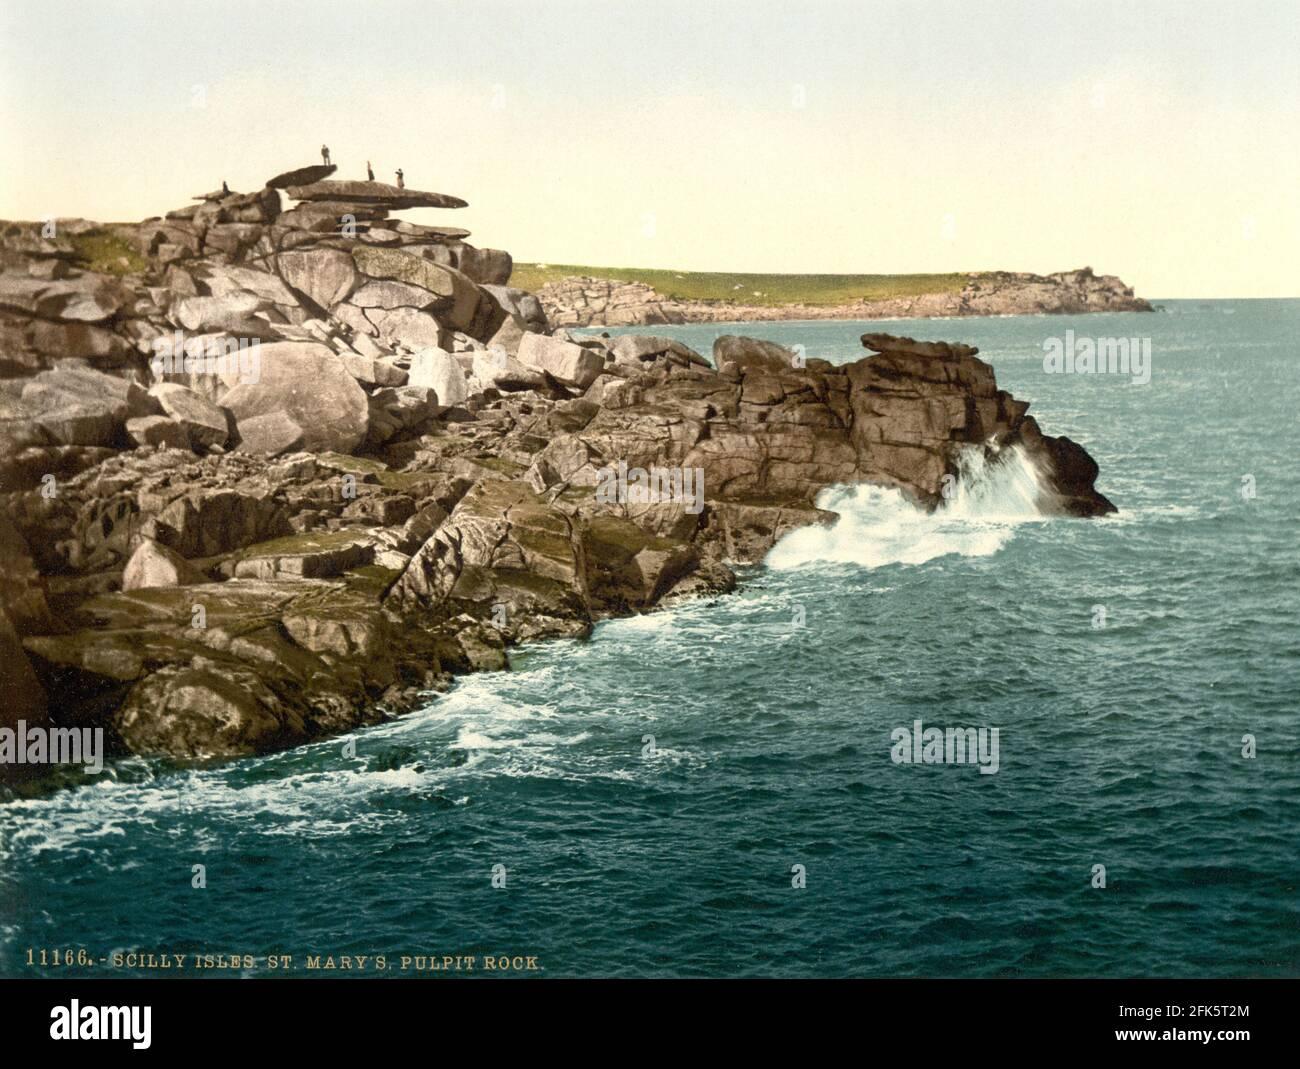 Roche de St Mary's Pulpit sur les îles Scilly vers 1890-1900 Banque D'Images